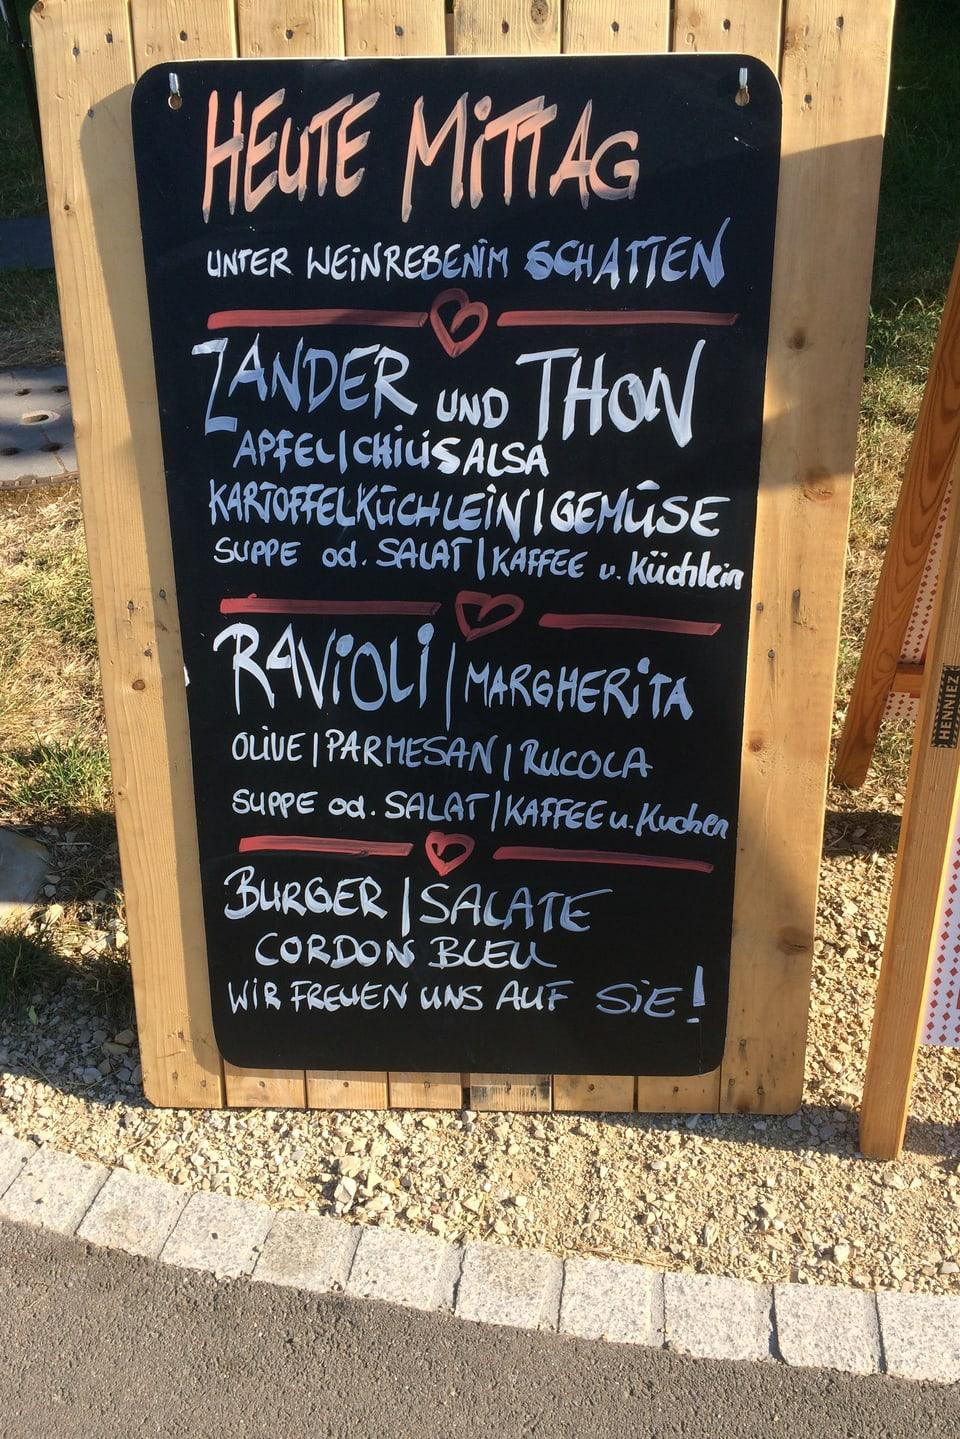 Mittagsmenu vor einem Restaurant. Darauf steht Zander und Thon oder Ravioli.